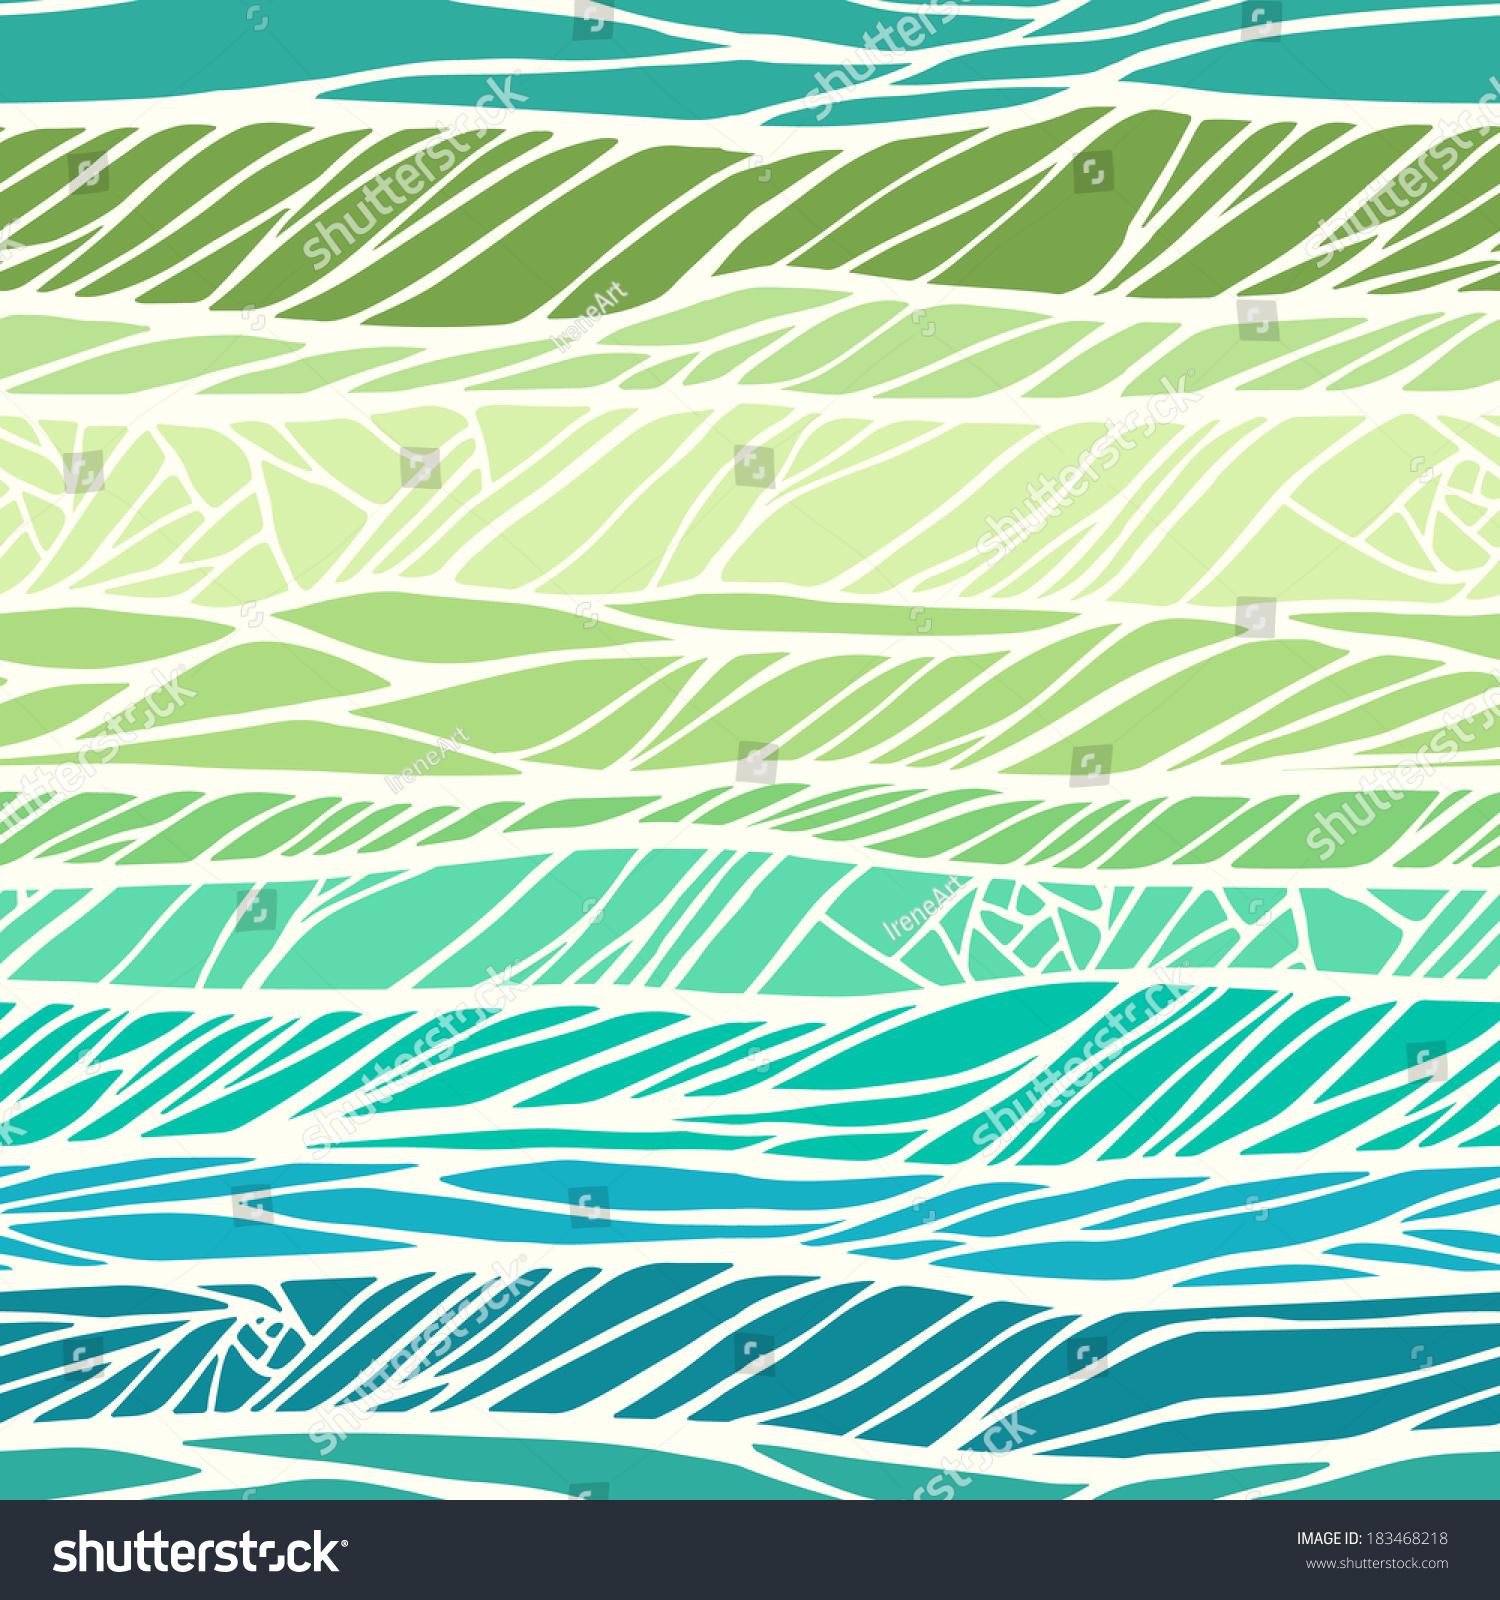 用彩色手绘的无缝图案抽象几何装饰-背景/素材,抽象